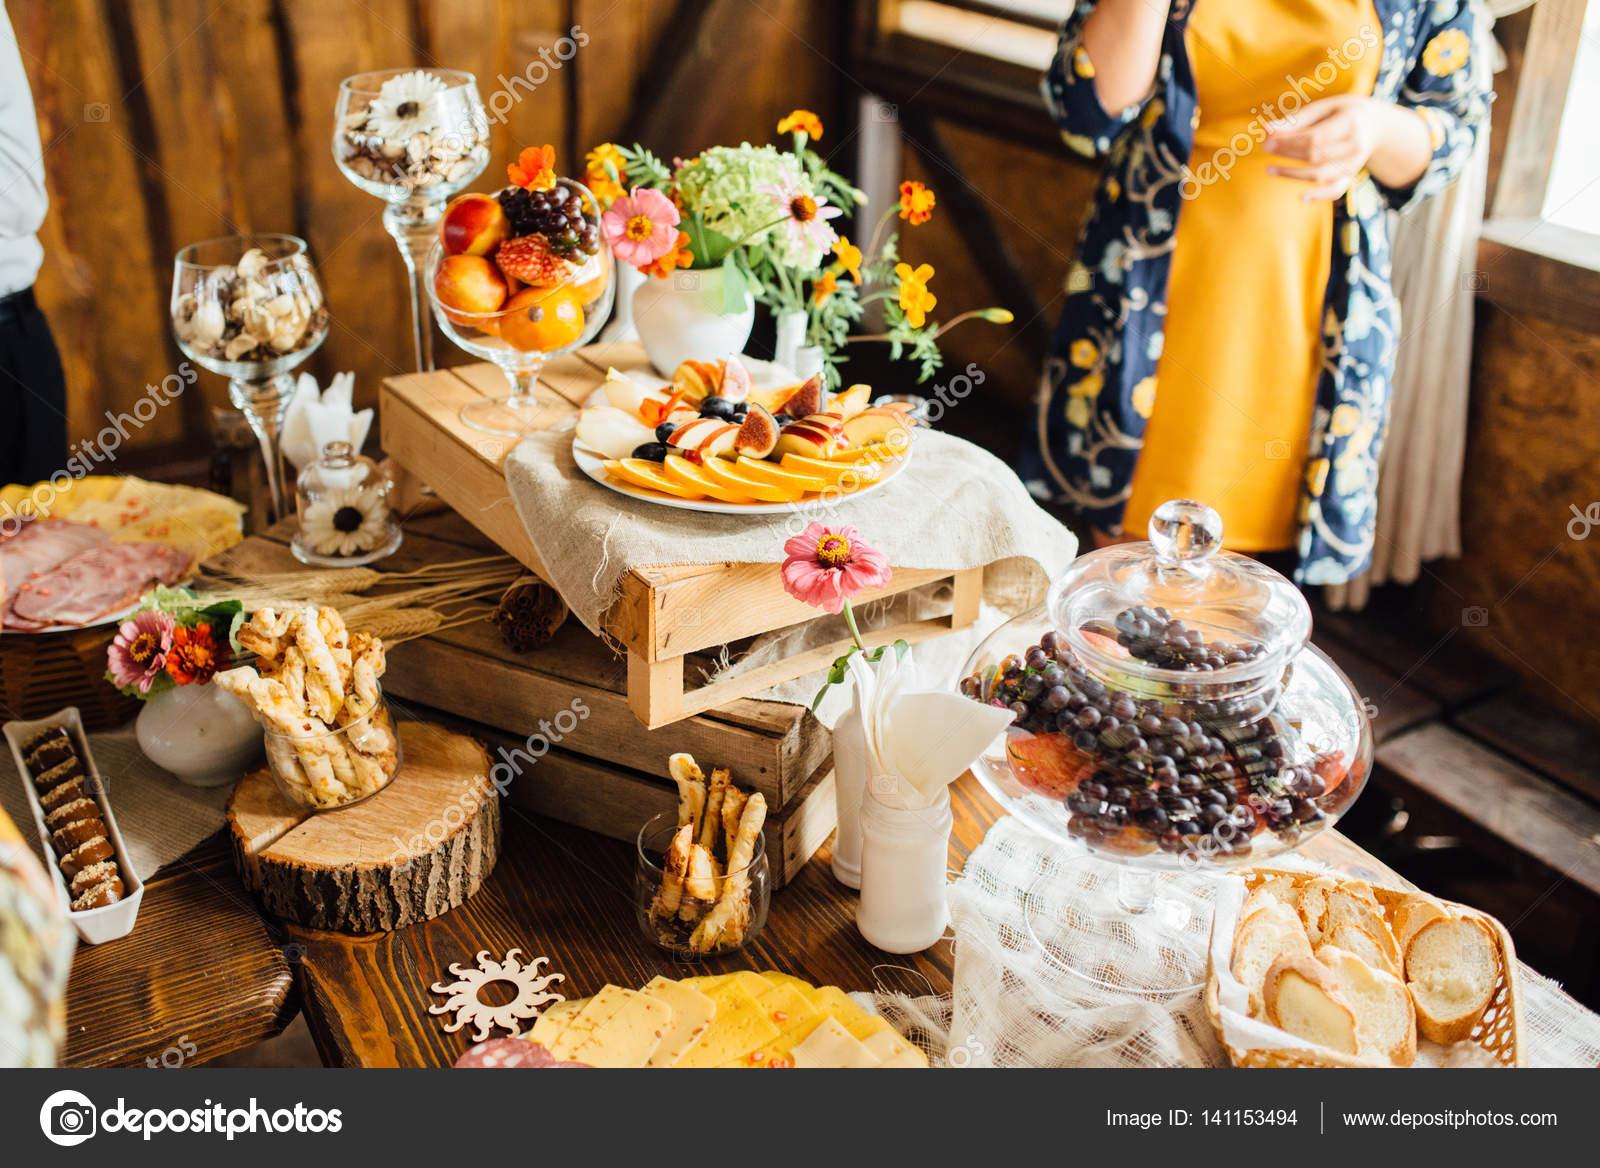 Krasne Svatebni Dekorace Podzimni Svatba V Oranzove Barvy Stock